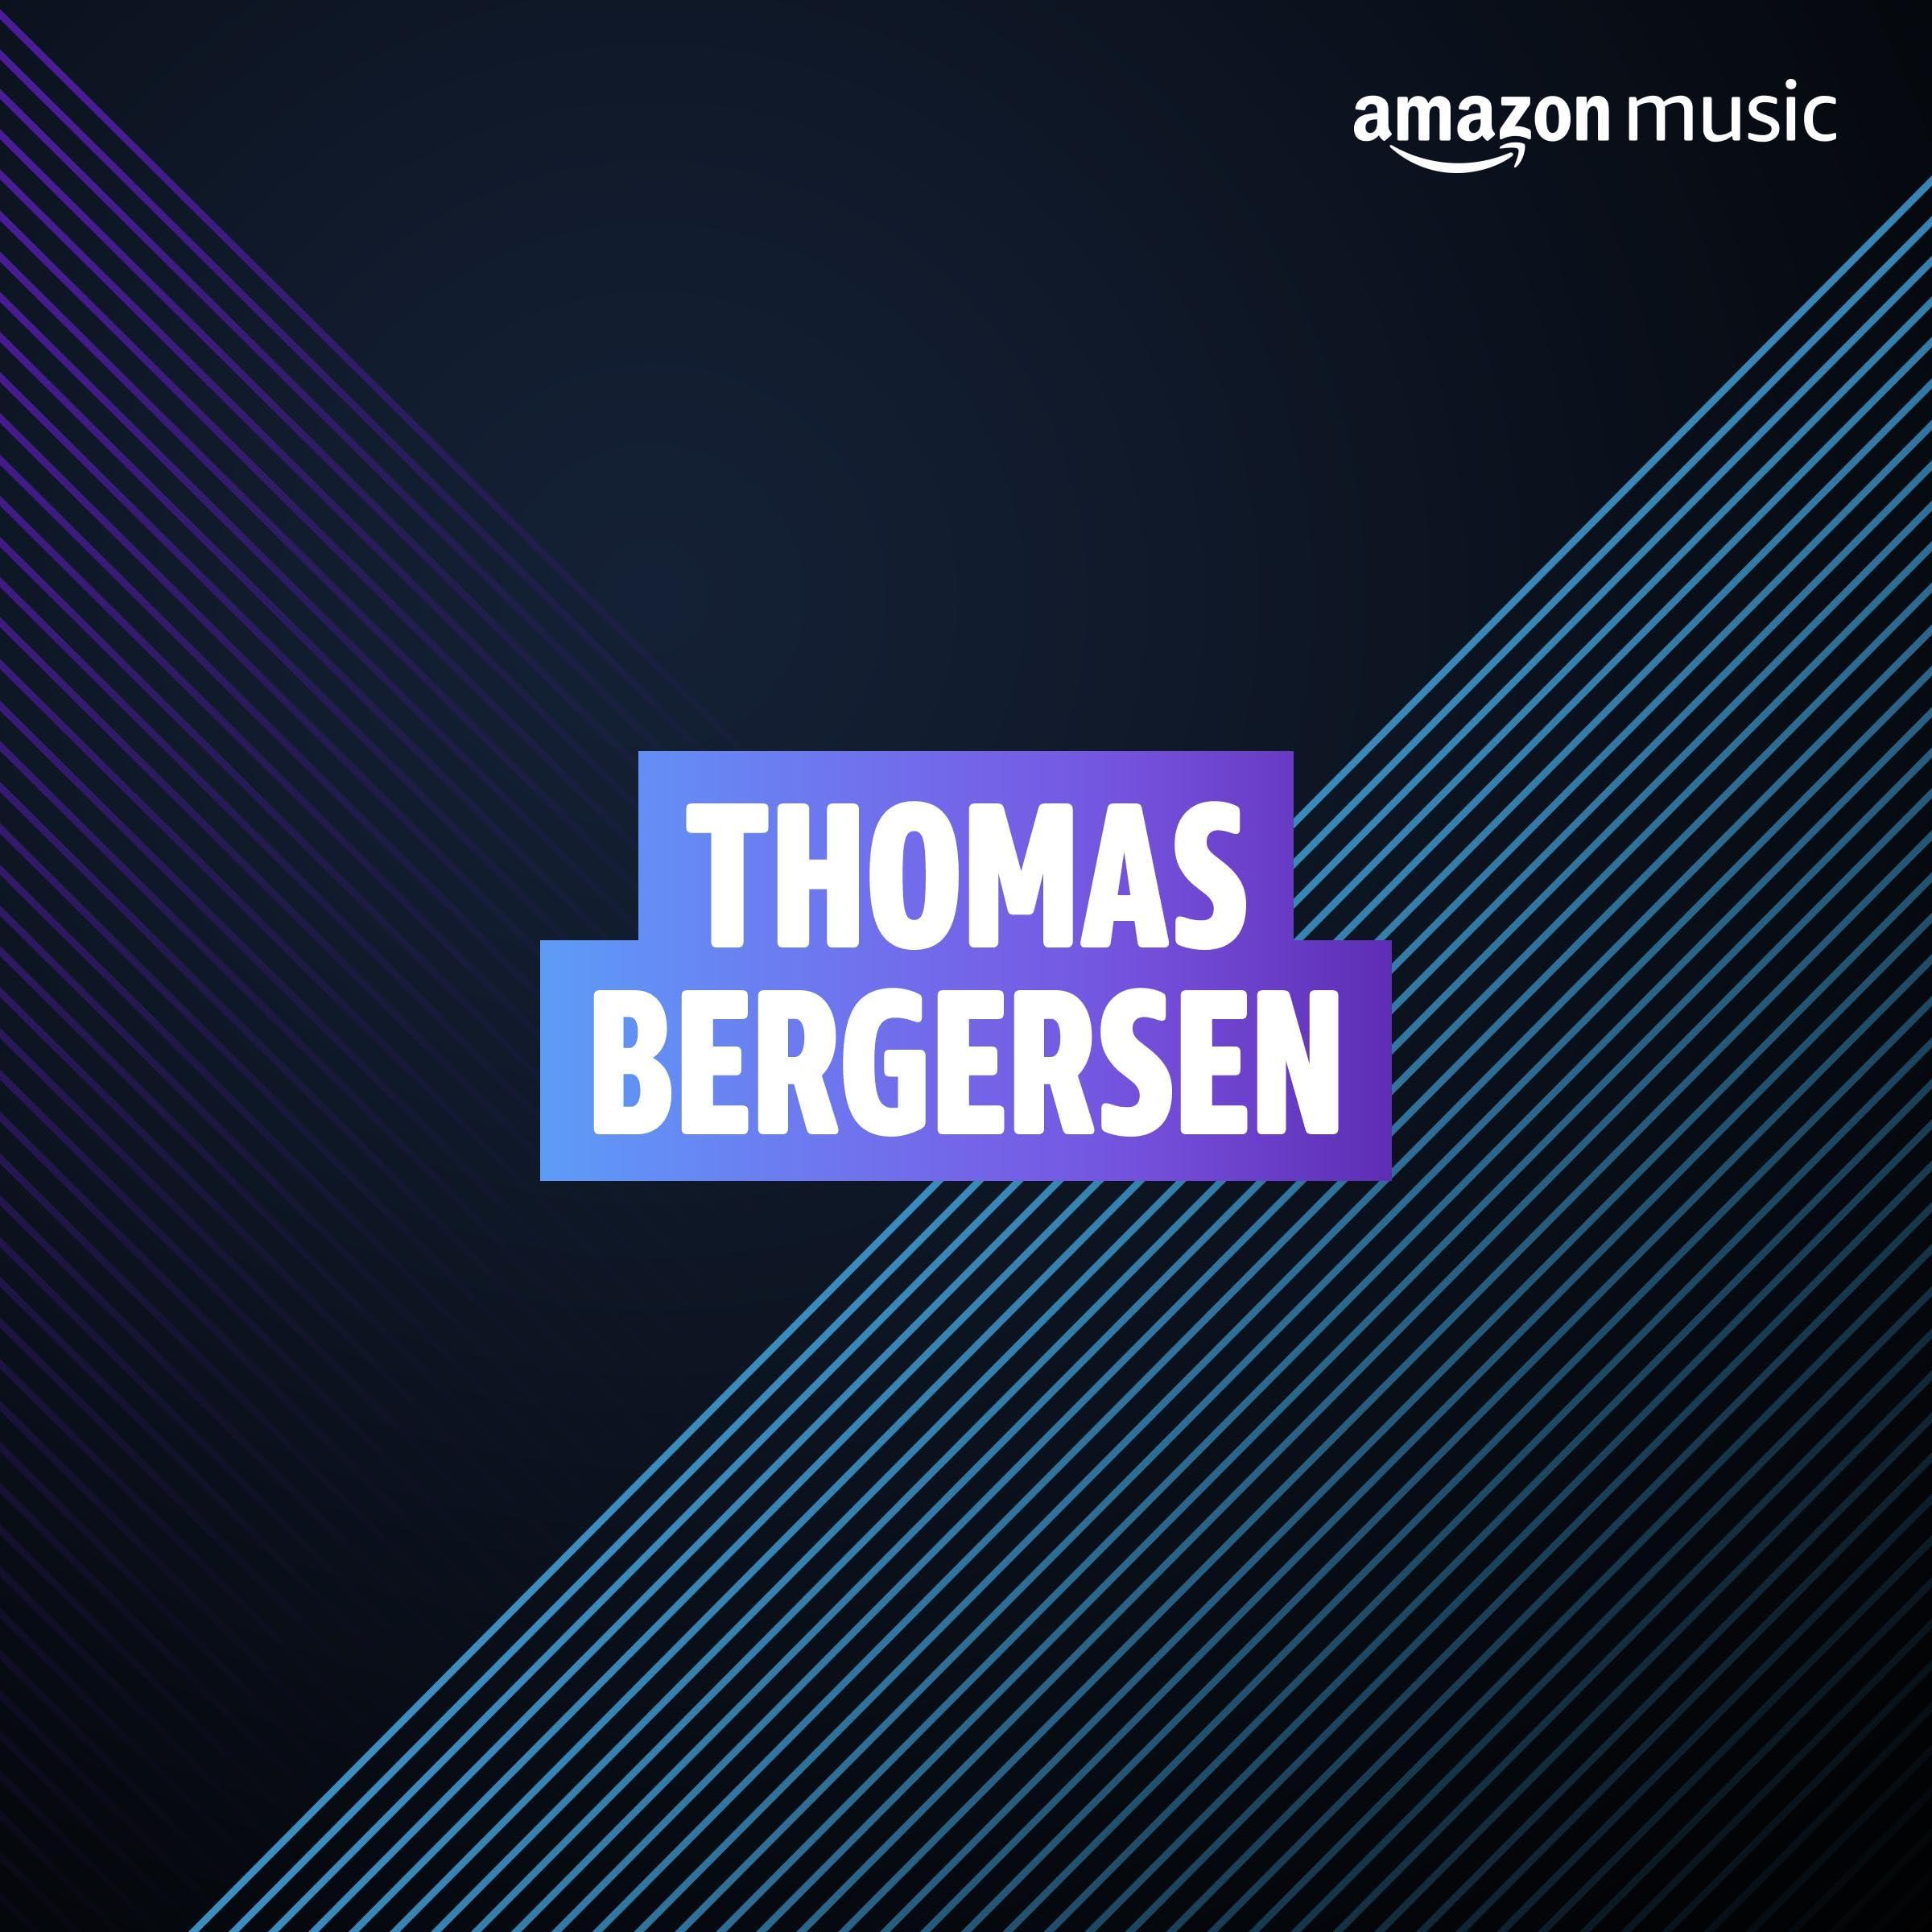 Thomas Bergersen